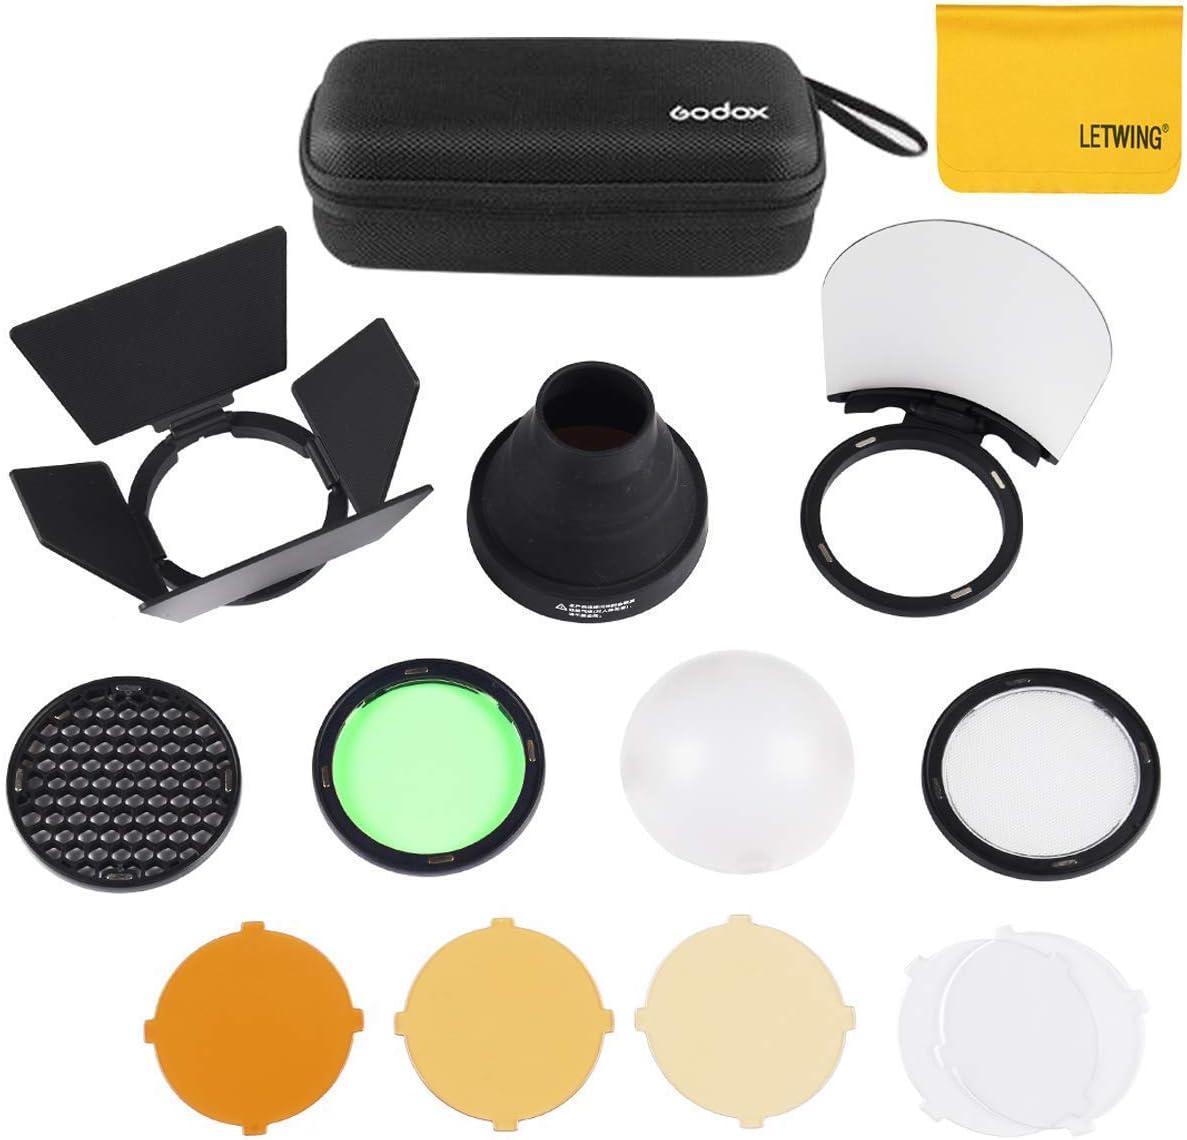 Godox Ak R1 Flashlight Accessories For Godox H200r Camera Photo